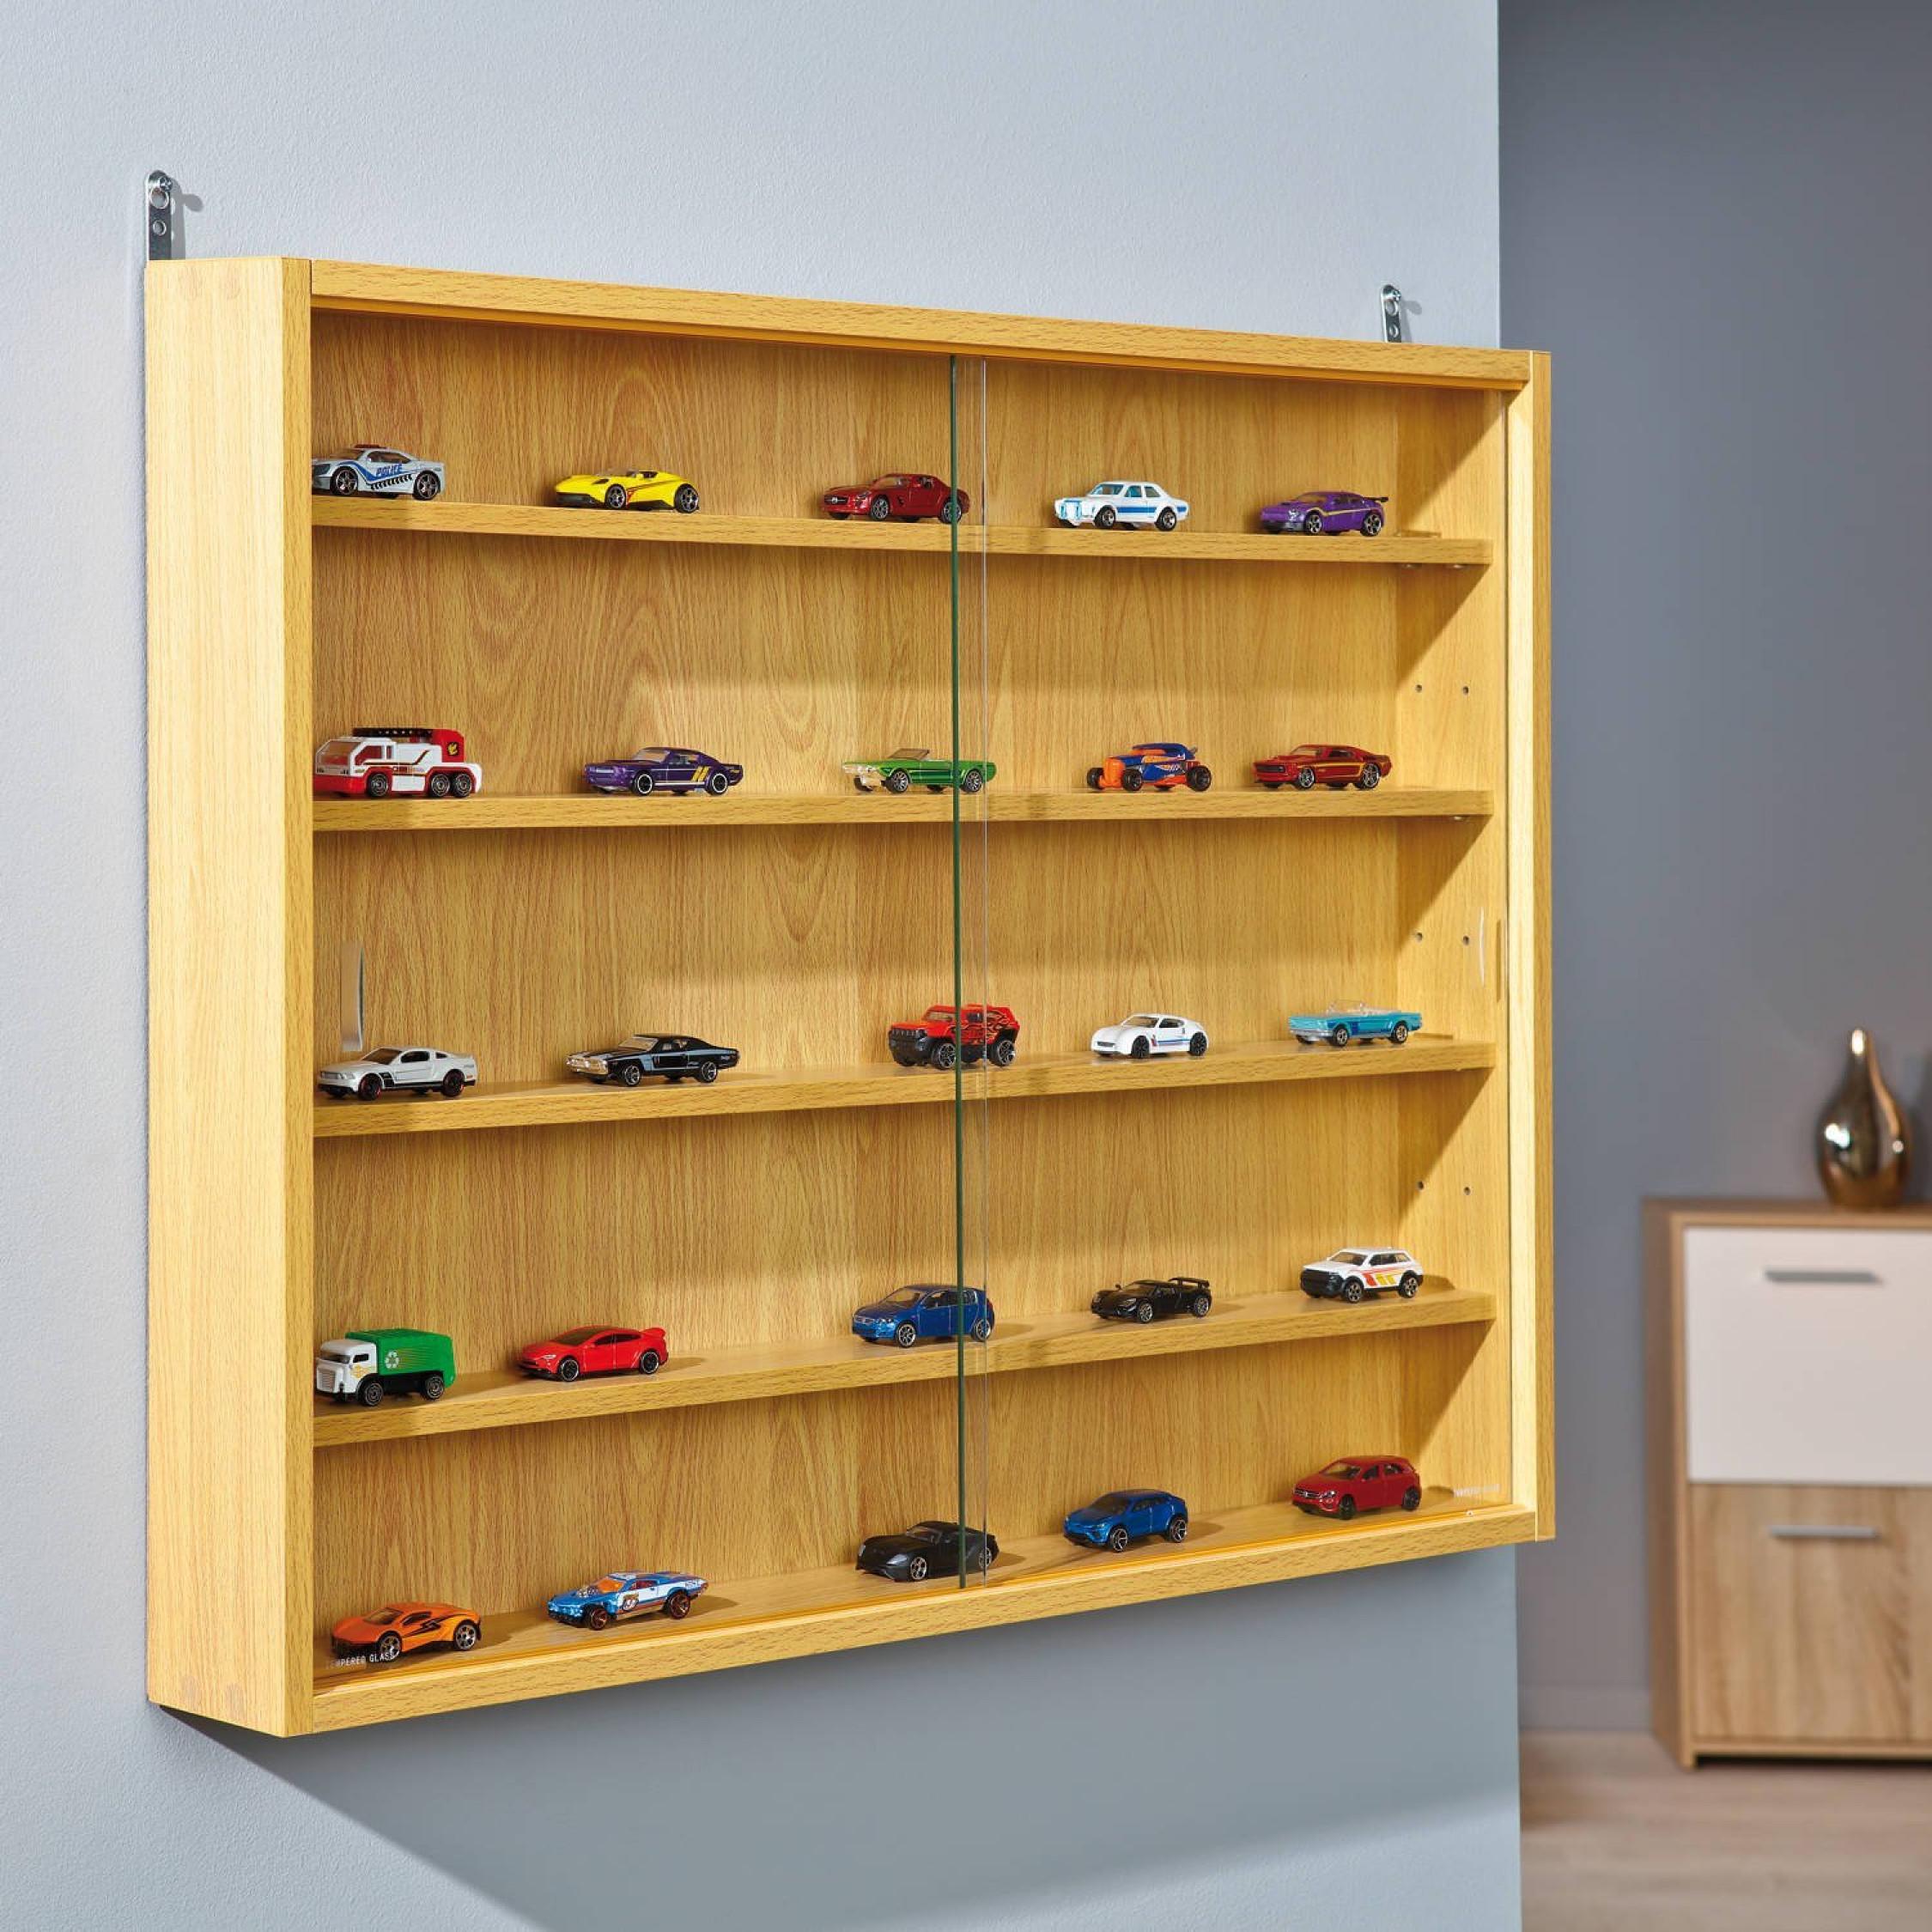 display cabinet wall mount doors unit collectibles models shelves rh picclick co uk